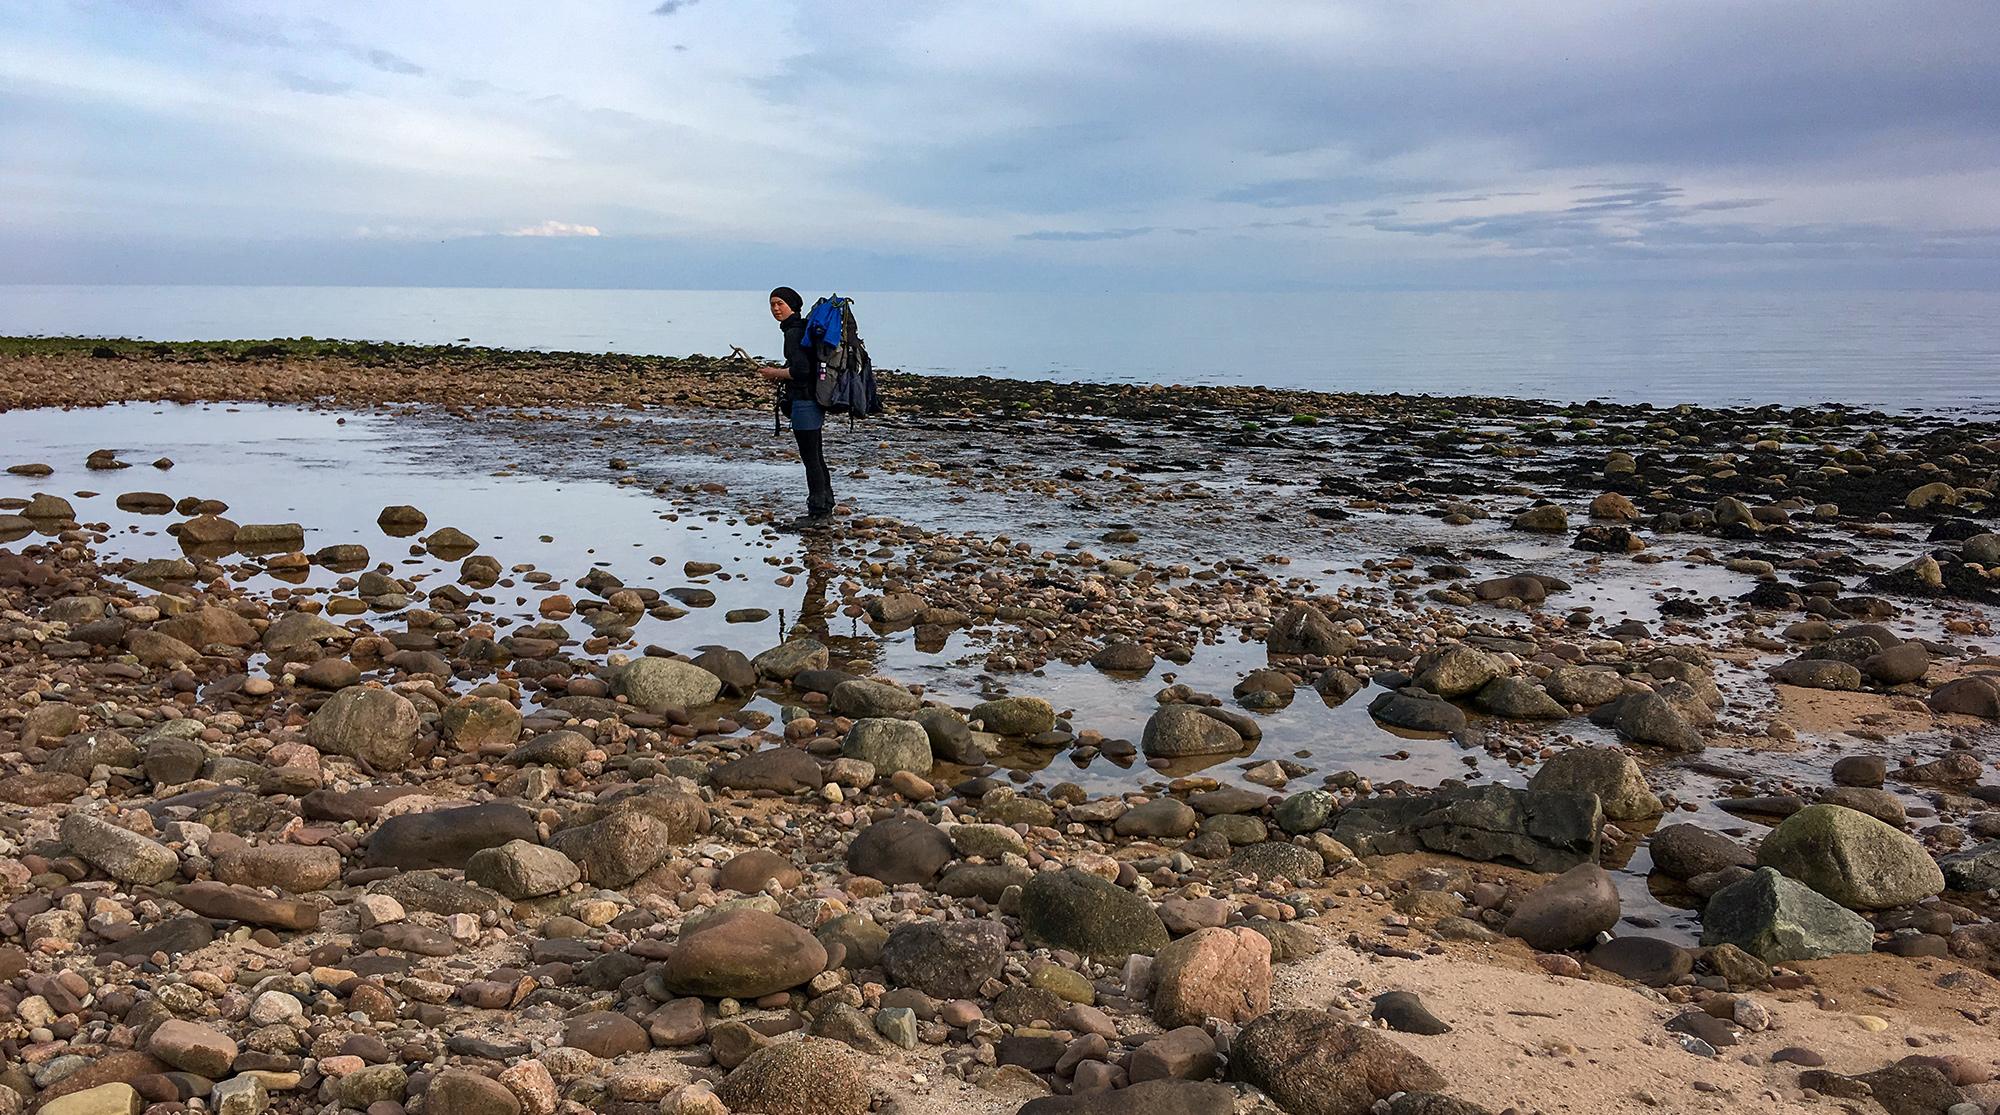 Frau mit Rucksack überquert Flusssbett mit Steinen am Meer